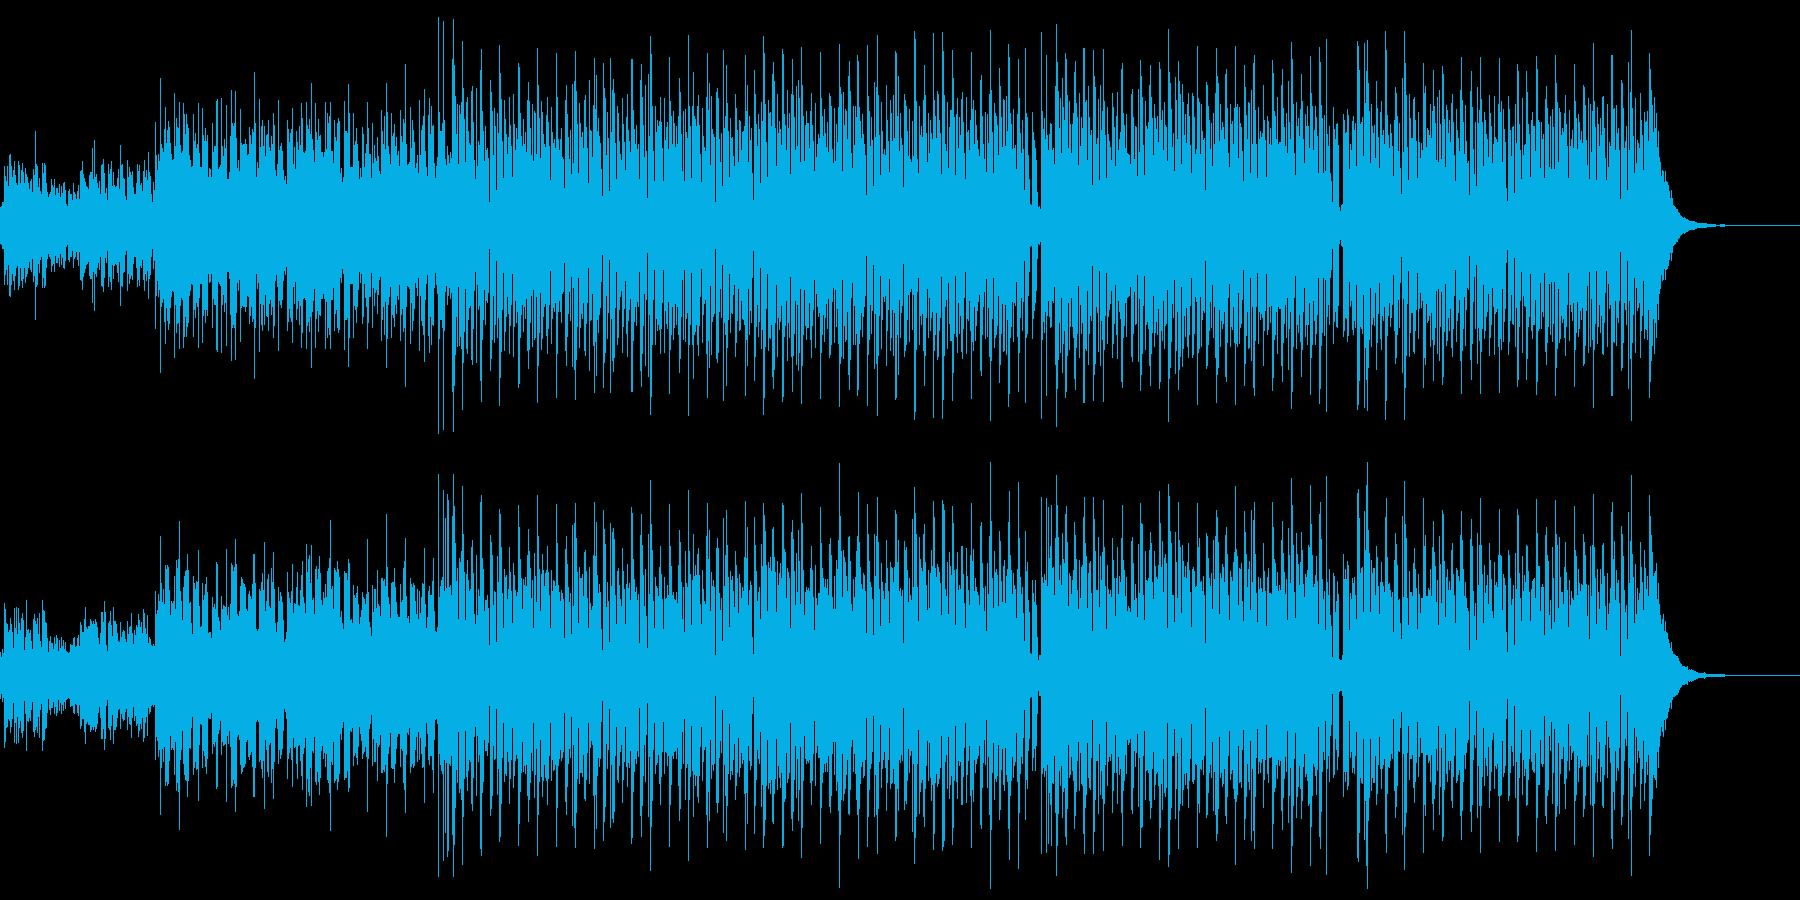 ずっしりビートの効いたEDMの再生済みの波形